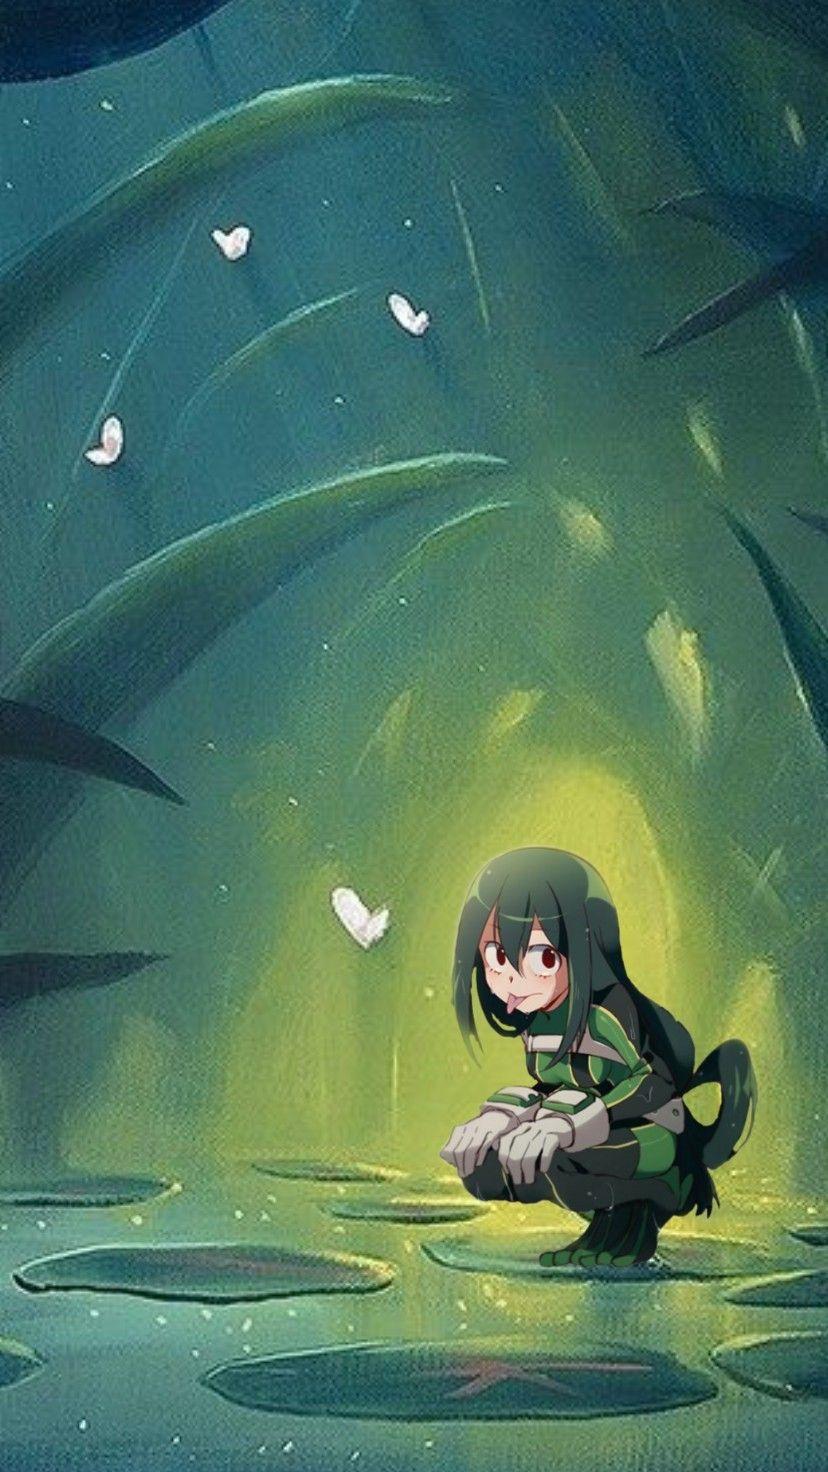 Froppy Wallpaper Hero Wallpaper Anime Wallpaper Anime Wallpaper Phone